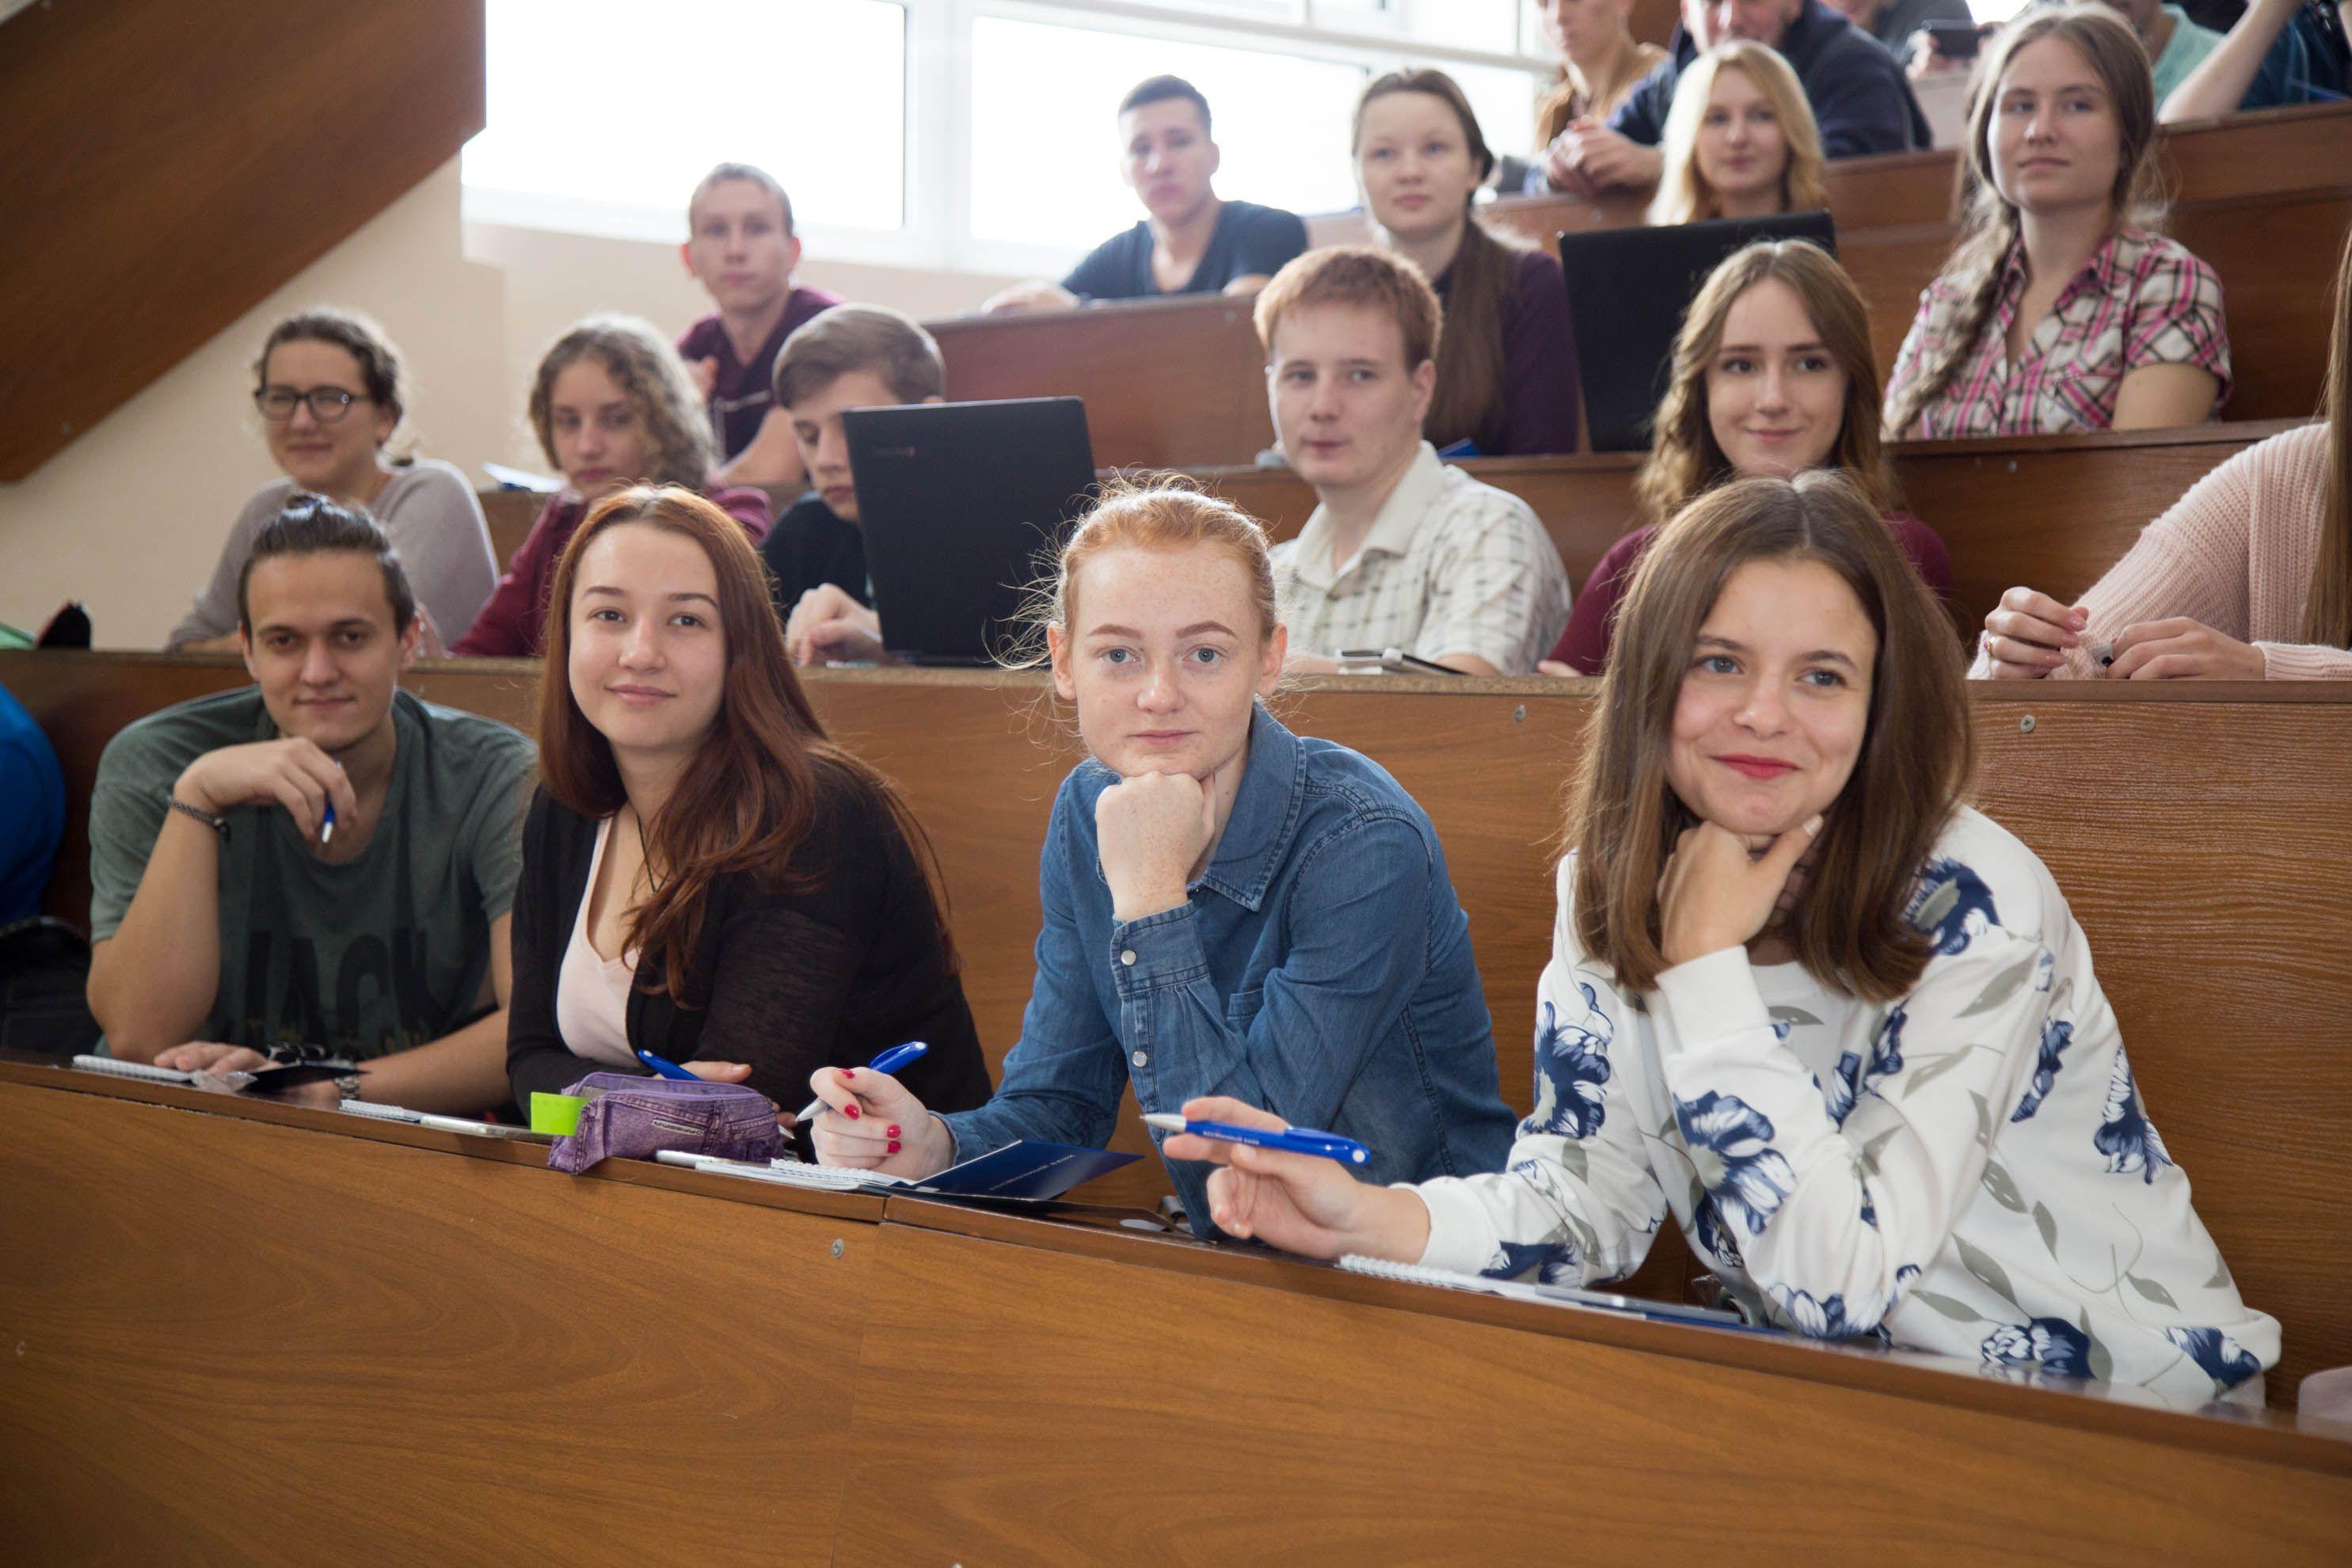 Успешные российские предприниматели рассказали свои истории успеха на форуме «Рост» во ВГУЭС